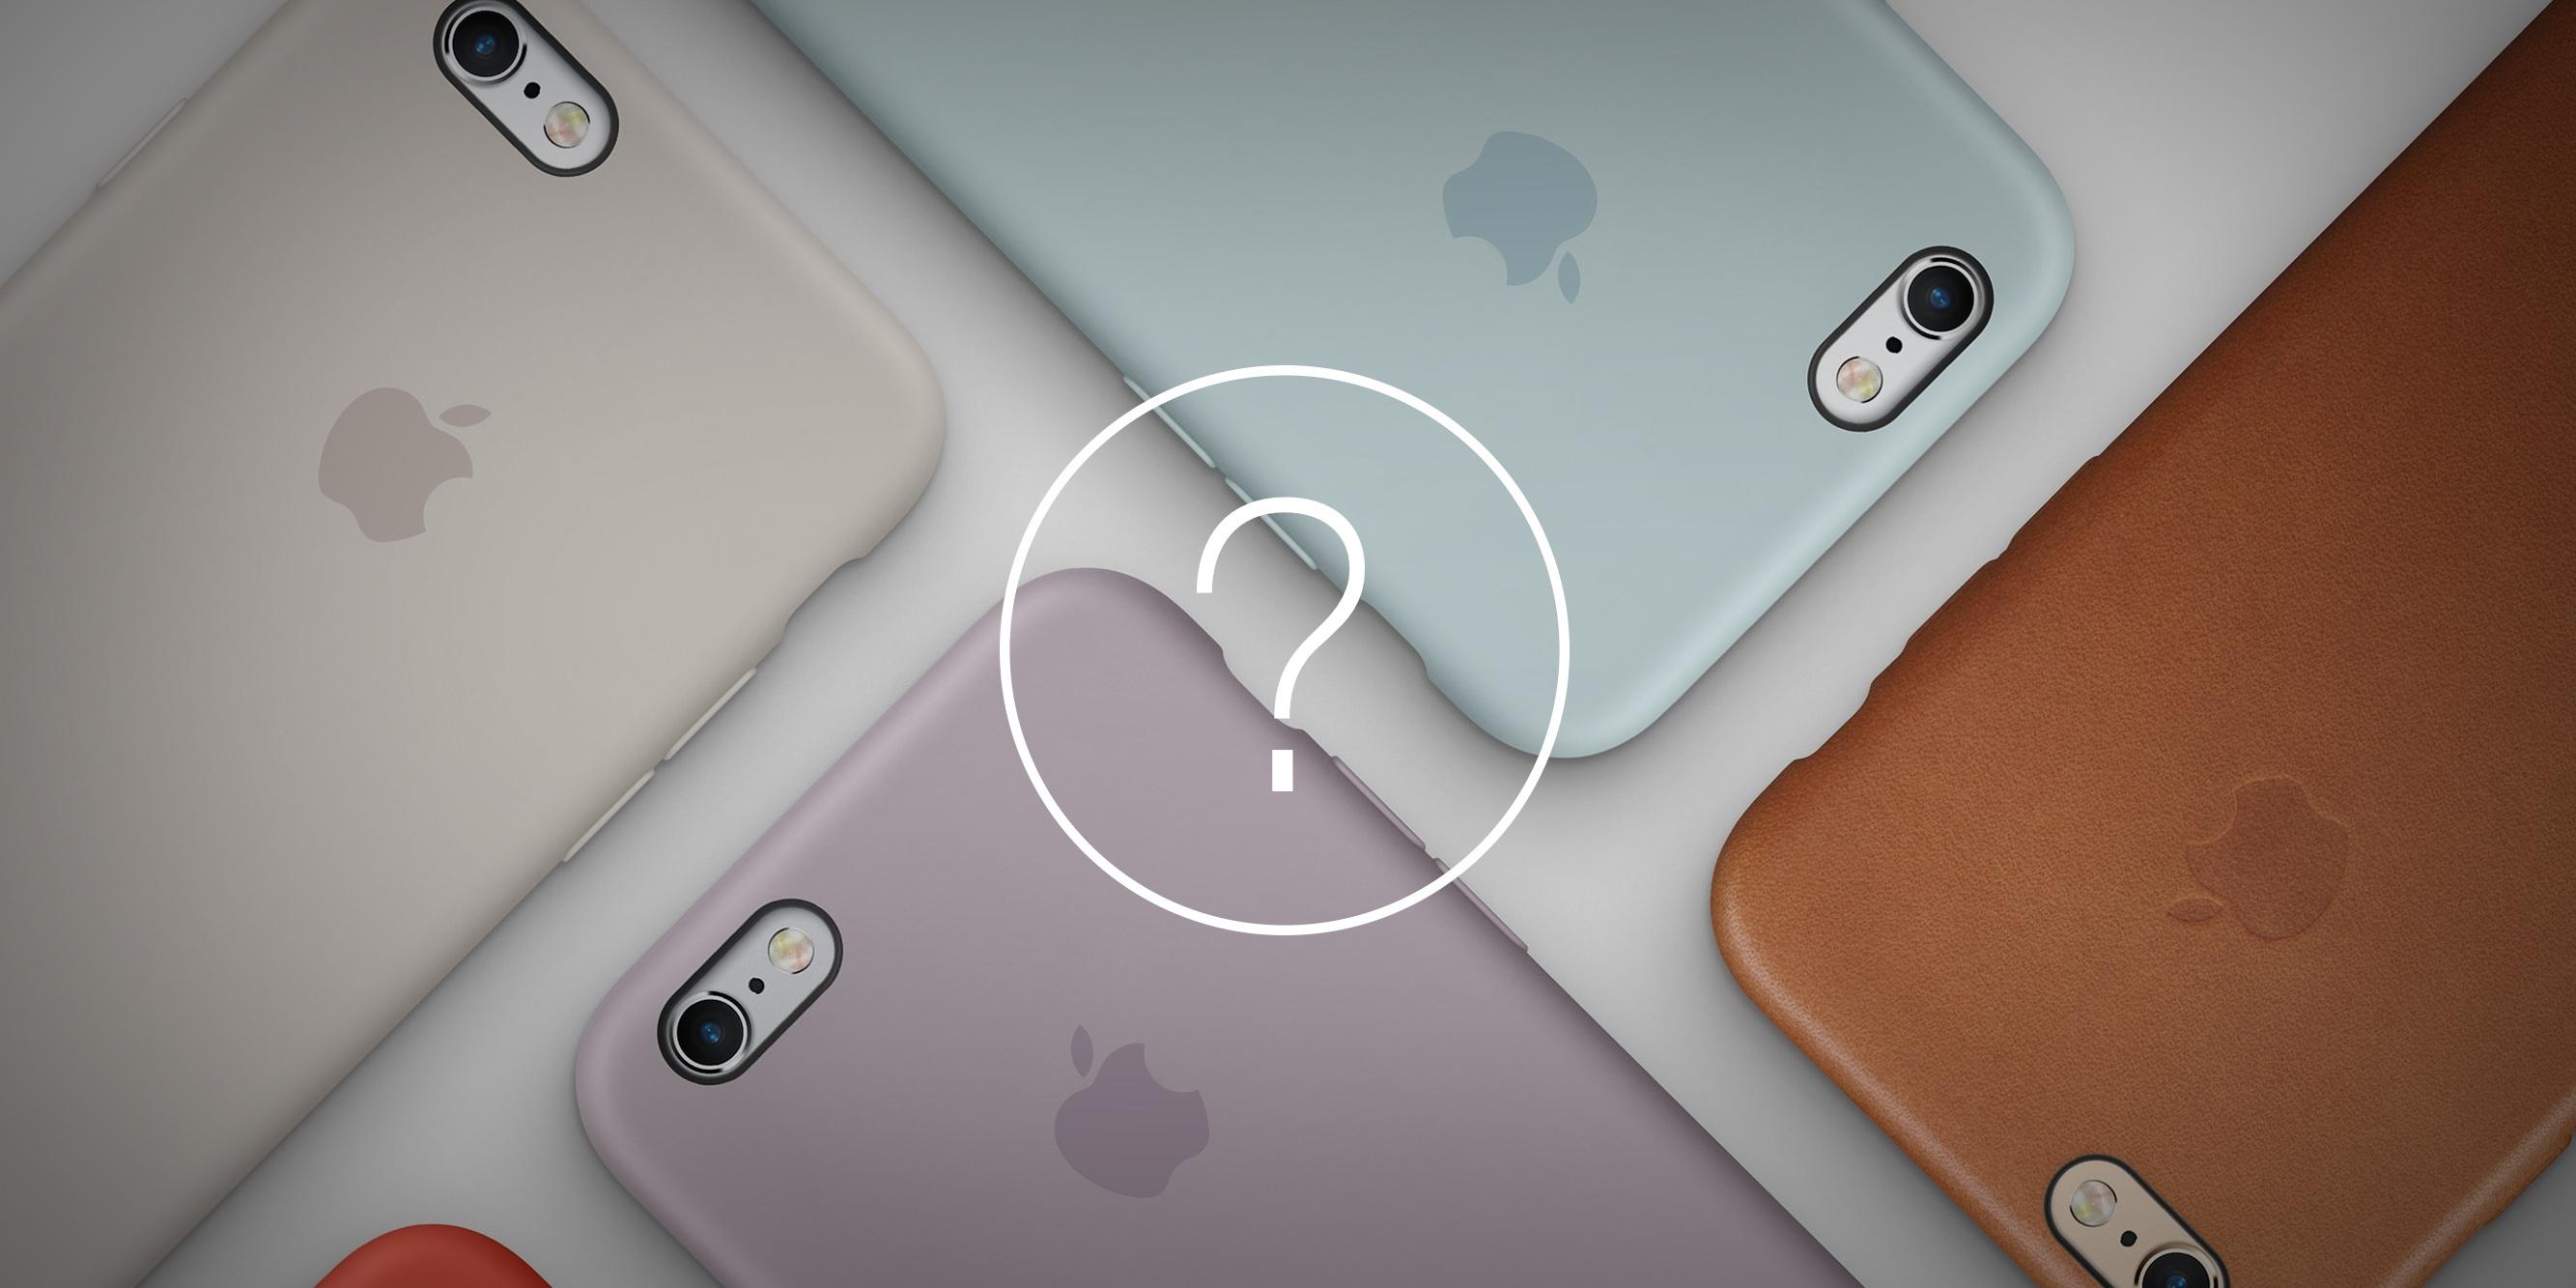 Какие чехлы для iPhone 6 и 6 Plus совместимы с iPhone 6s и 6s Plus